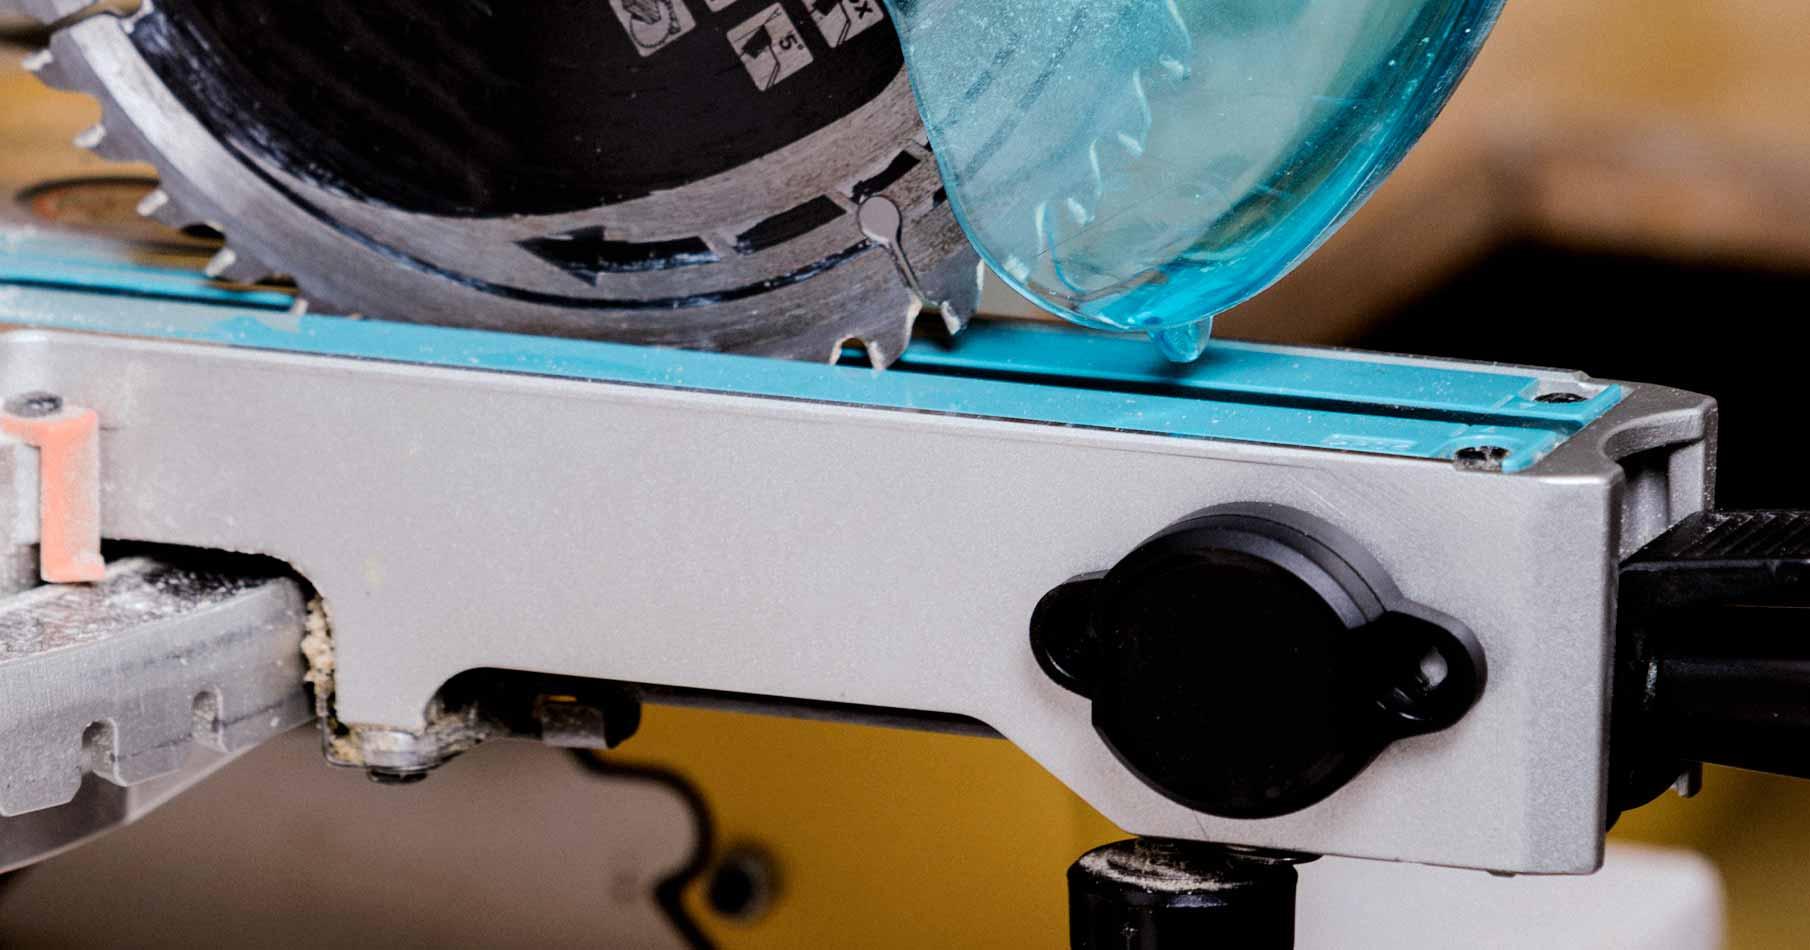 Närbild på en cirkelsåg med en monterad Bluetooth-sändare.